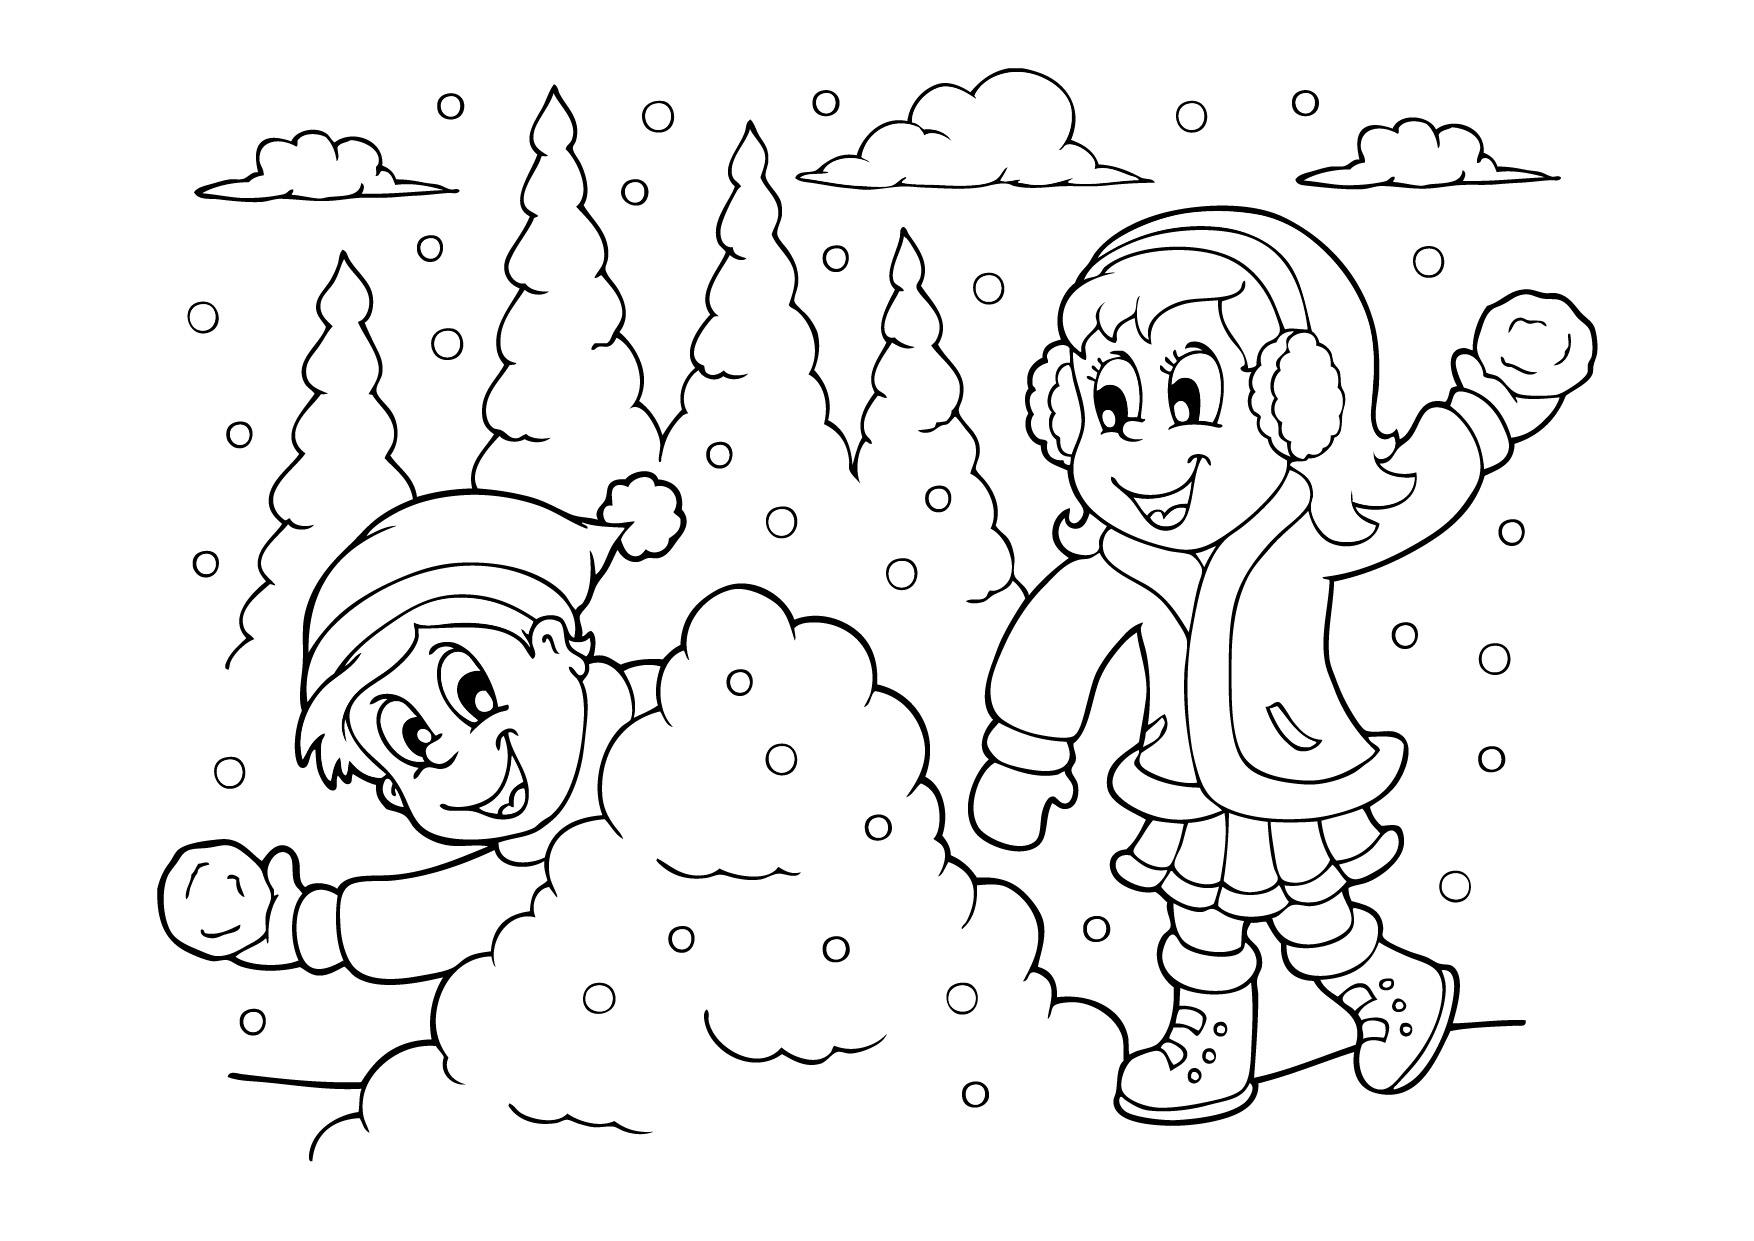 интересные детские раскраски на тему зима дети играют в